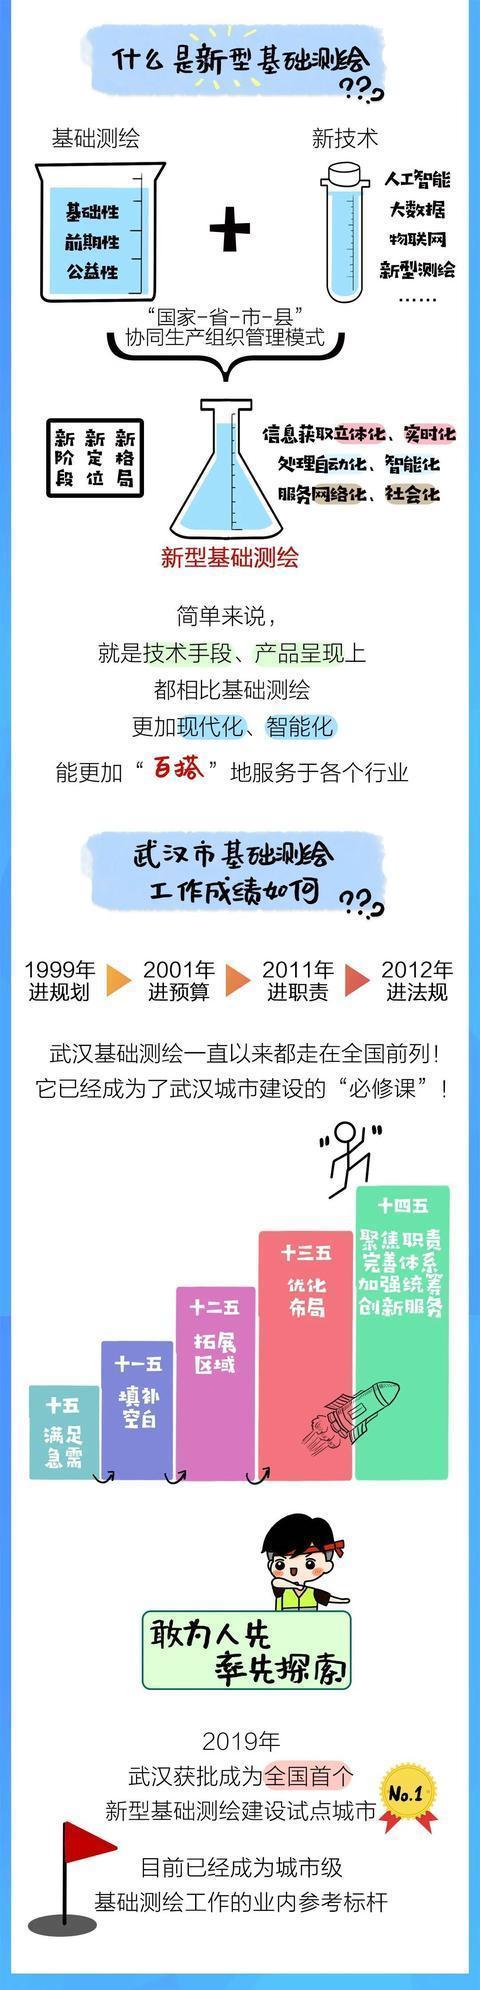 《武汉市基础测绘十四五计划》发表,今后五年武汉将这样做!|一图读。 第6张